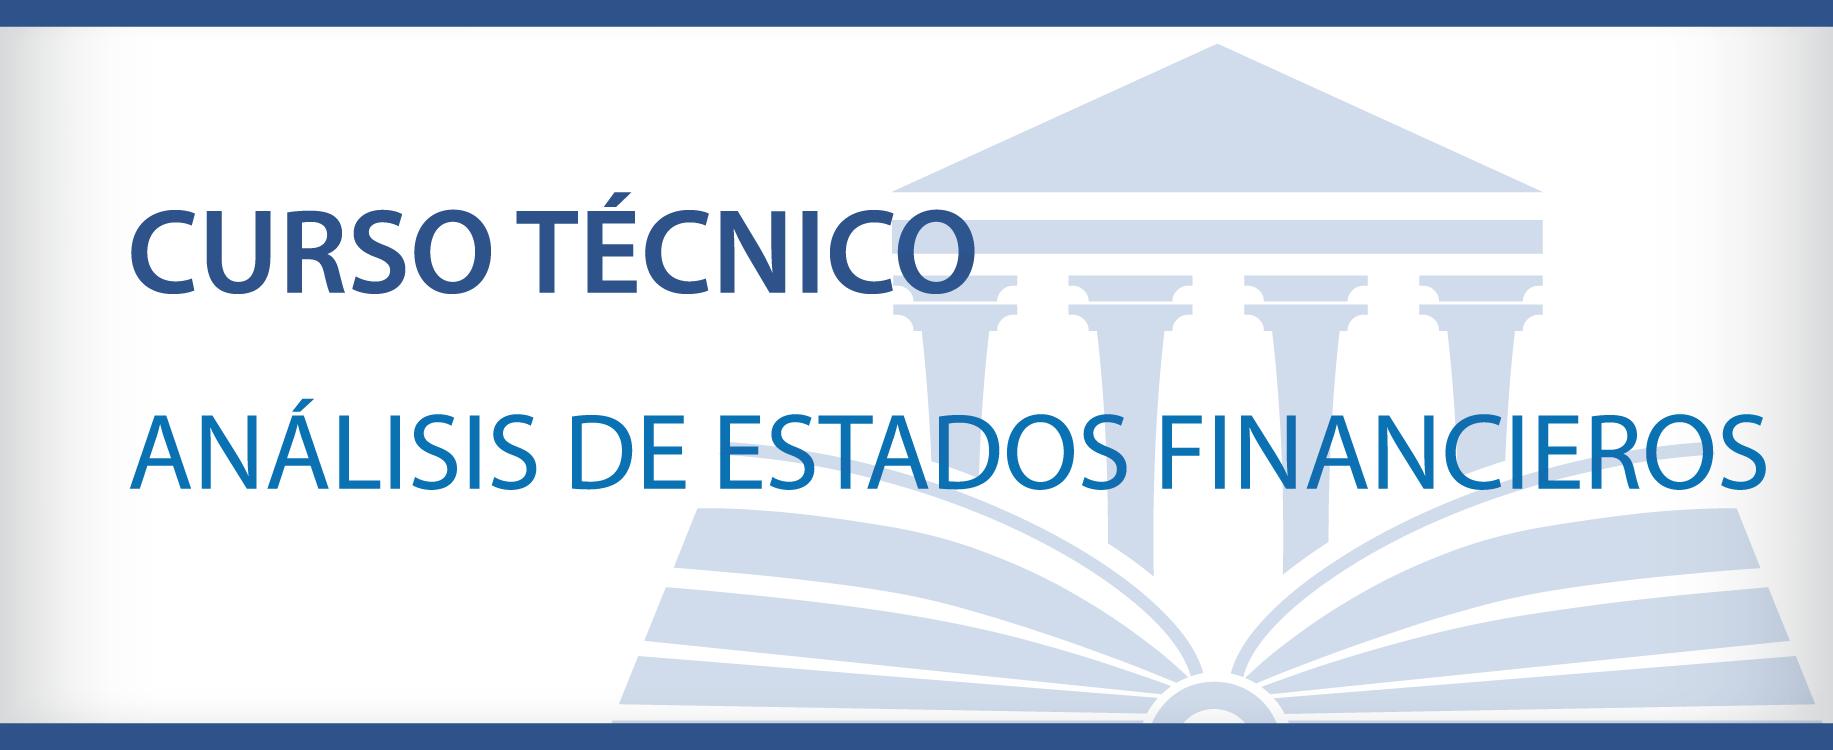 ImagenWebtecnicoestadosfinancieros